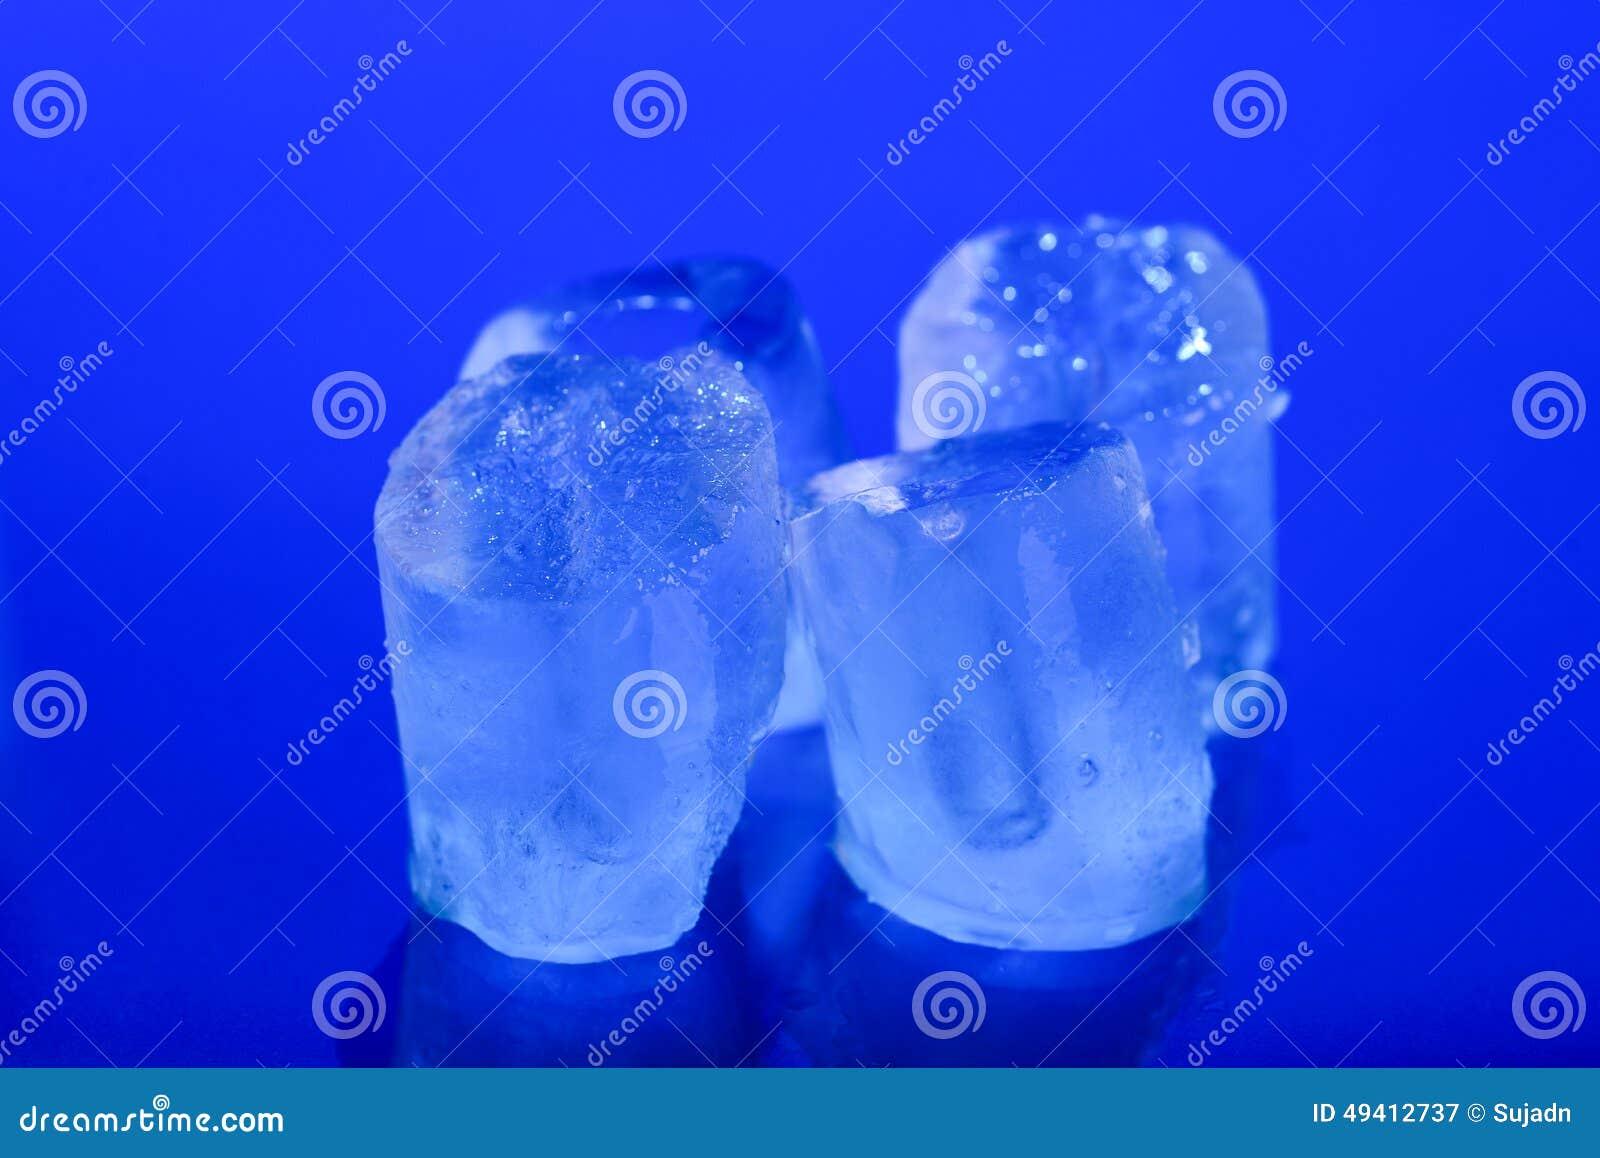 Download Nasse Eiswürfel Auf Blauem Hintergrund Stockbild - Bild von transparent, würfel: 49412737